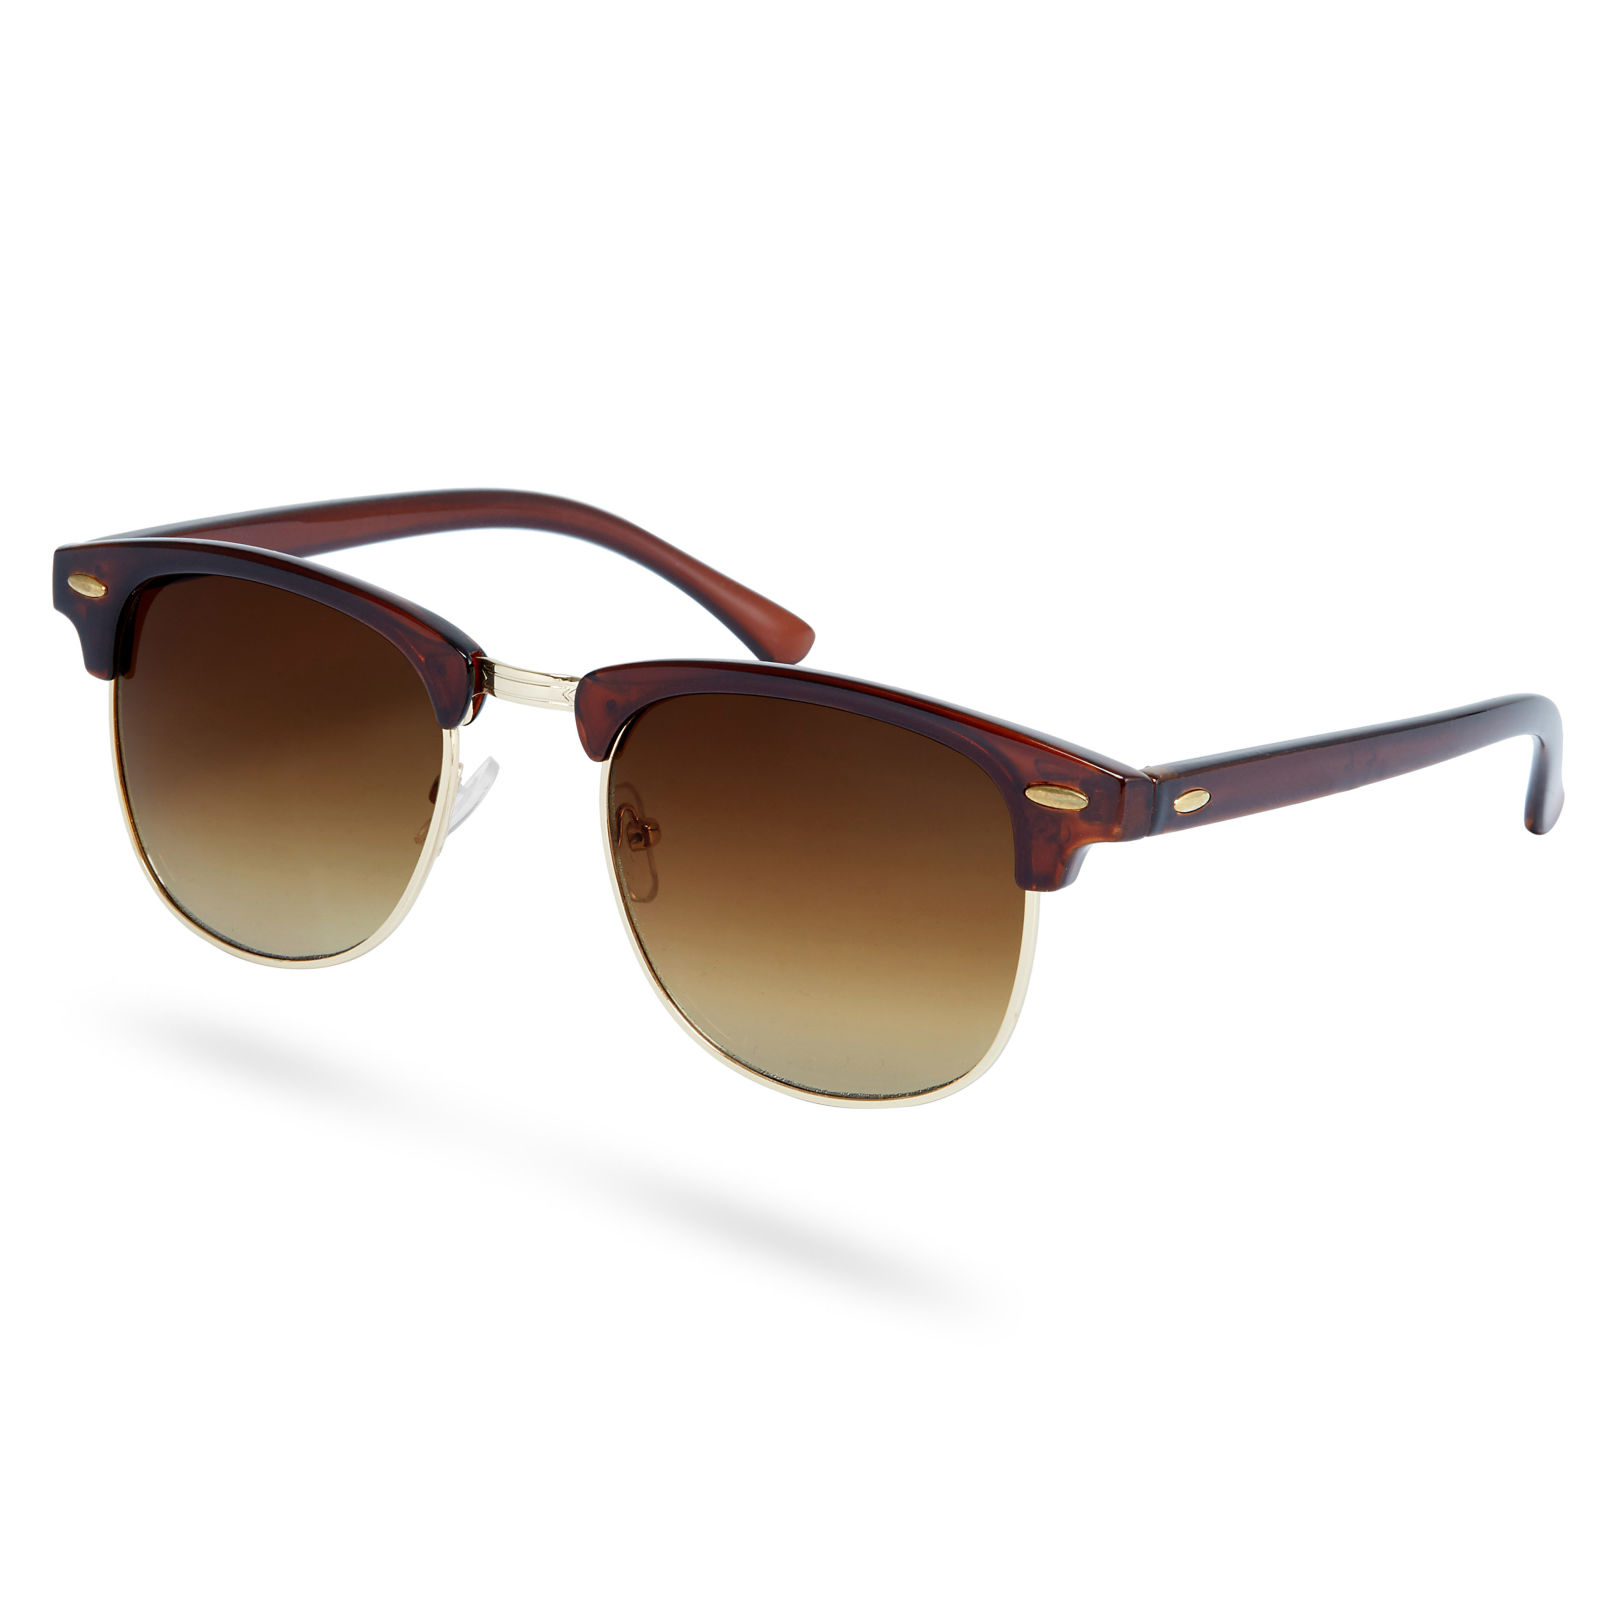 Browline Ebenholz Sonnenbrille Mit Getönten Polarisierten Sonnenbrillengläsern RMPBdVpc